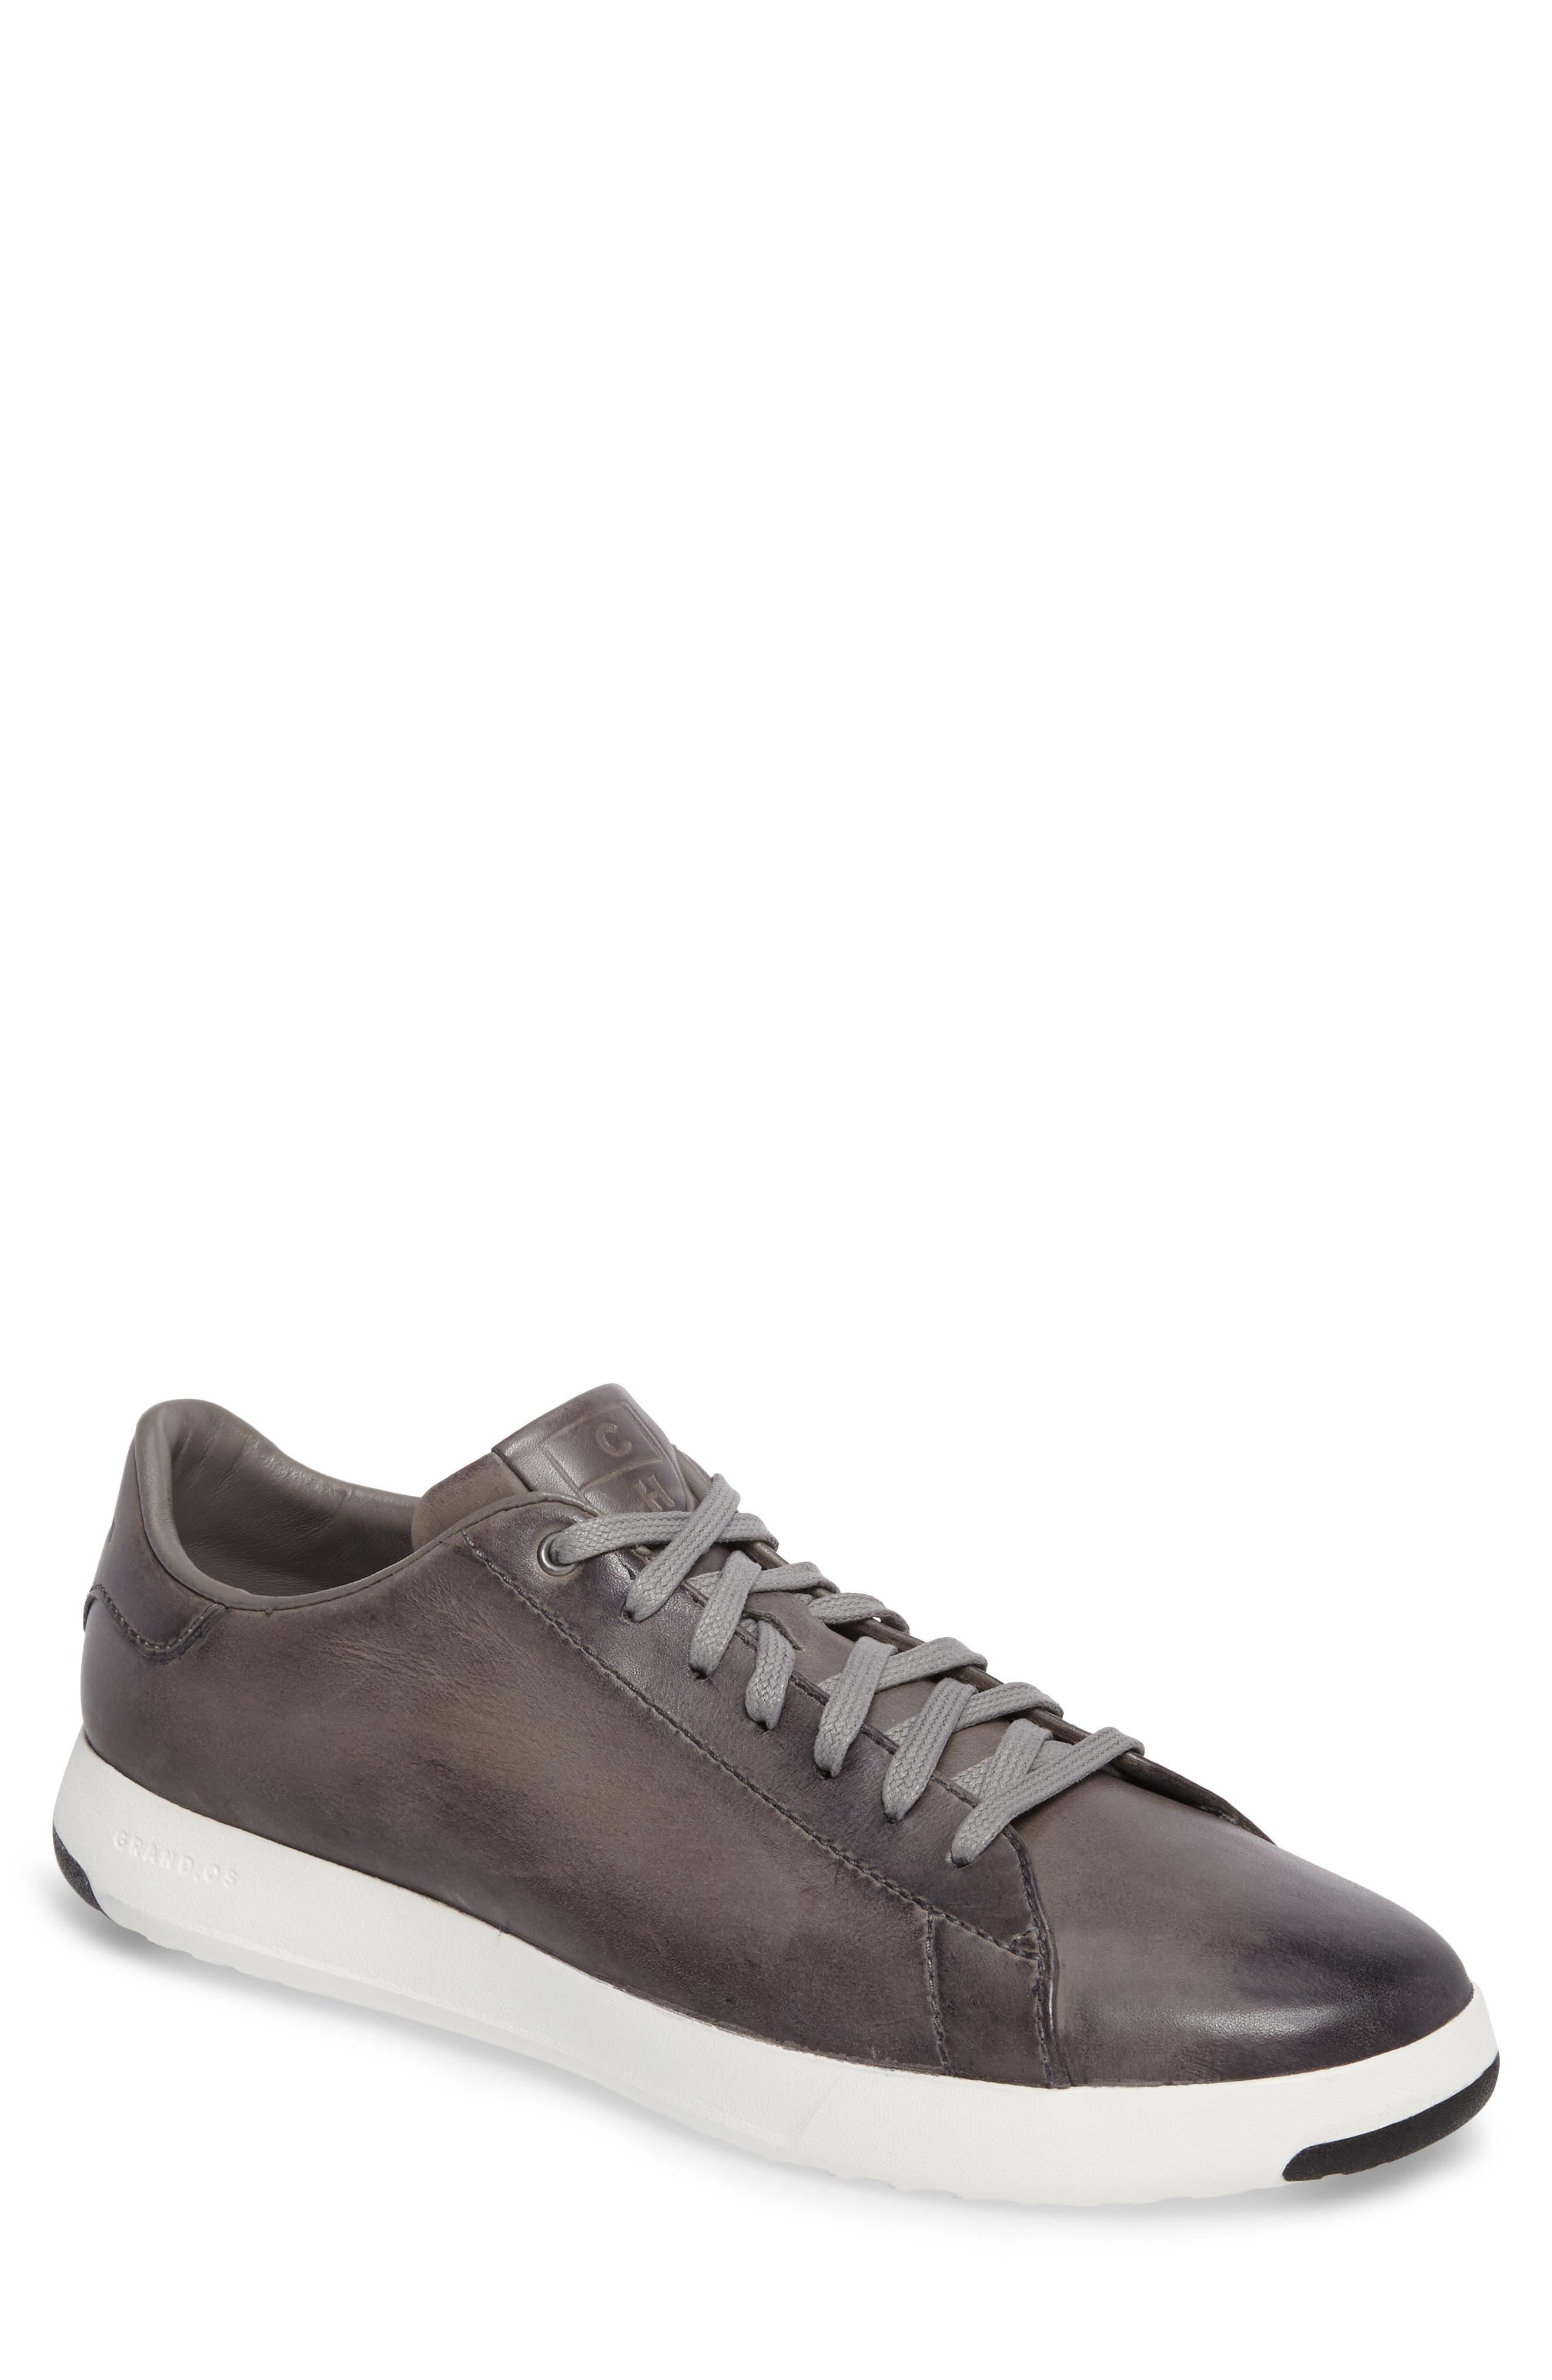 Main Image - Cole Haan GrandPro Tennis Sneaker (Men)